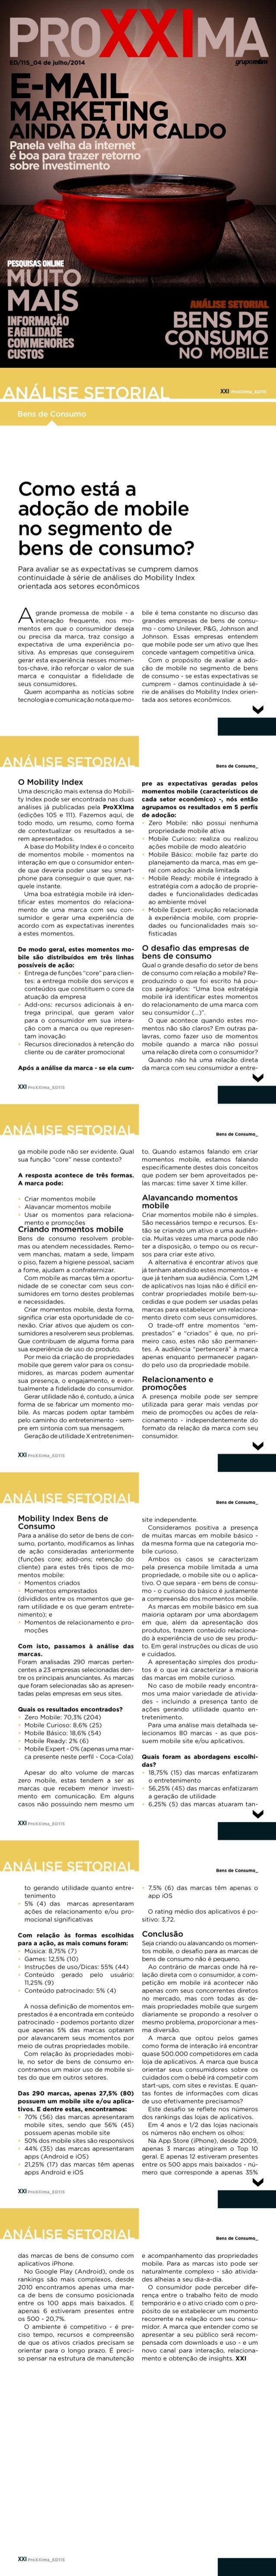 ProXXima - Matéria sobre o Mobility Index CPG 2014 da Pontomobi